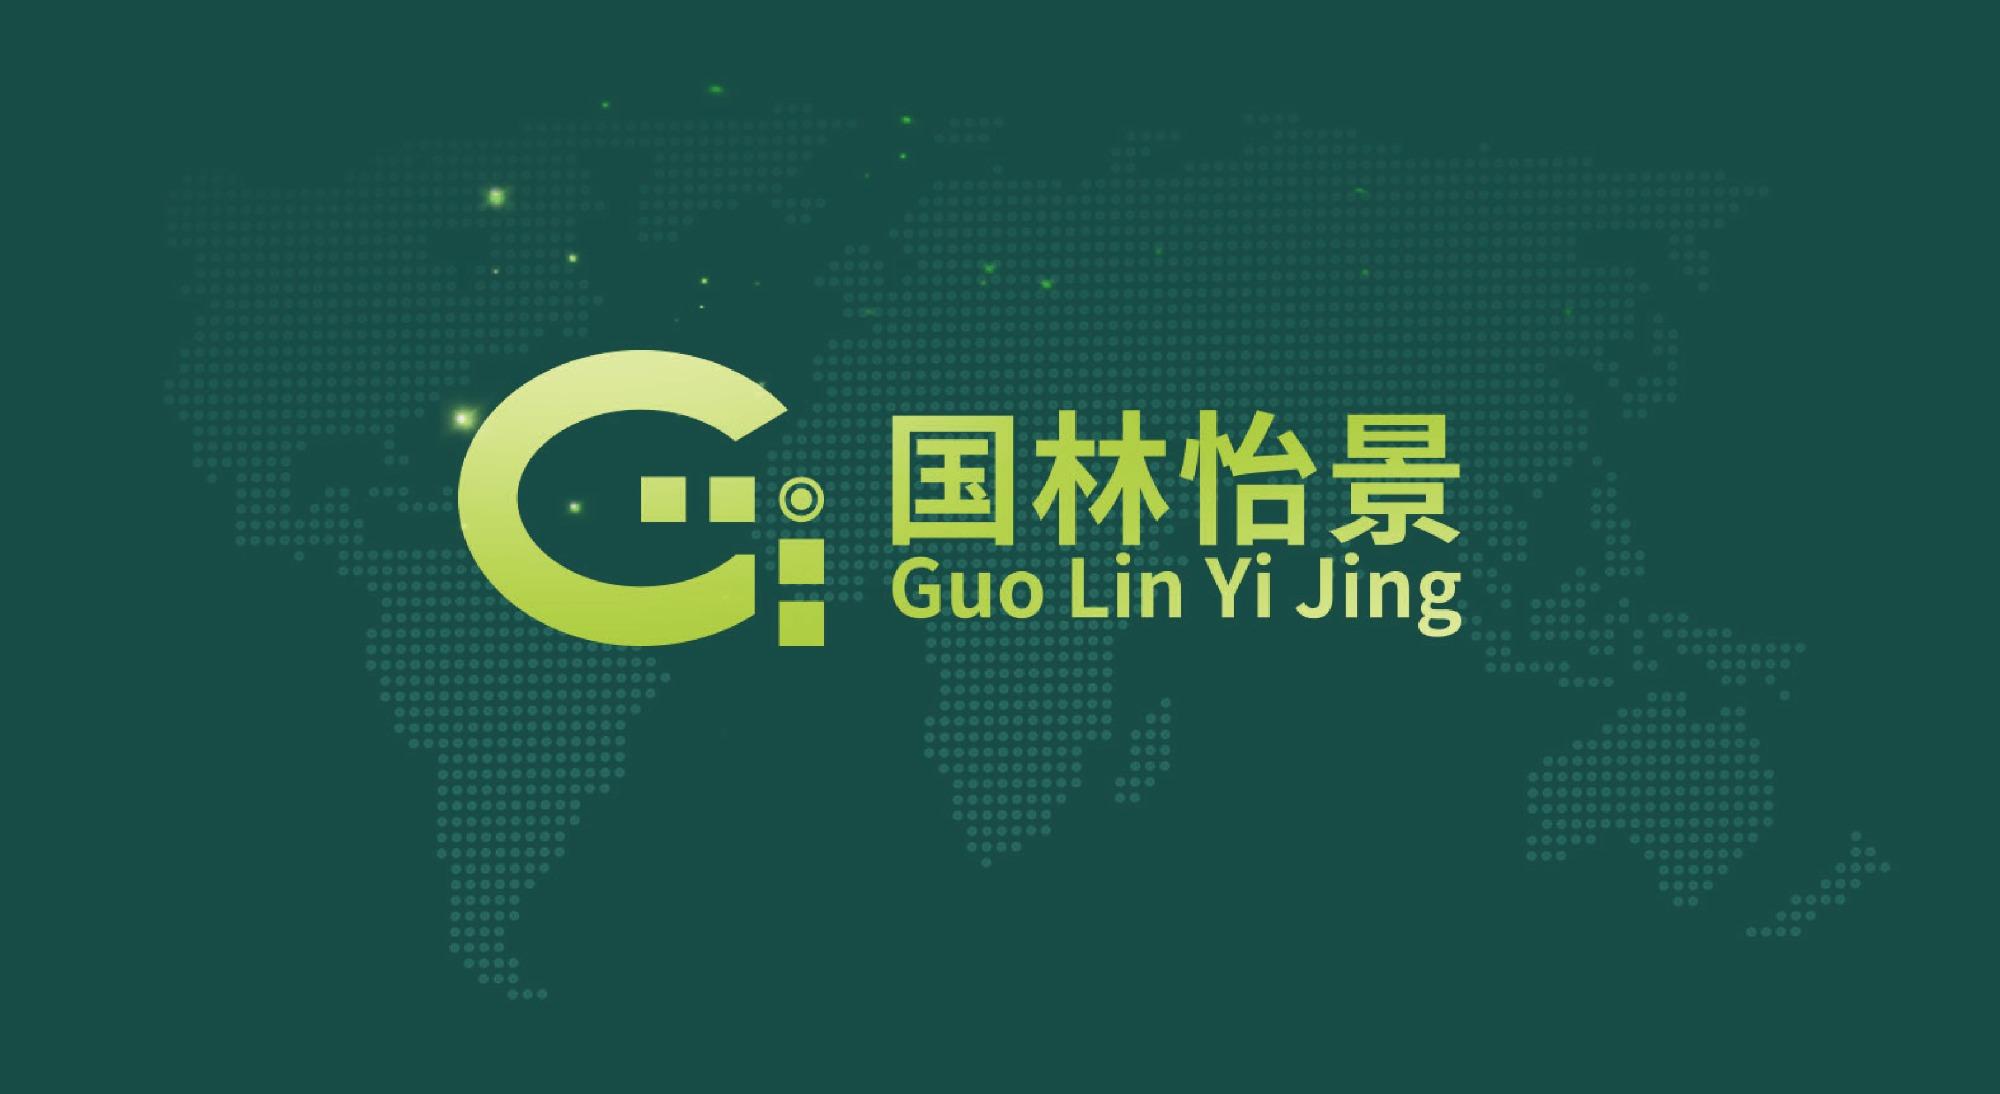 国林怡景宣传片